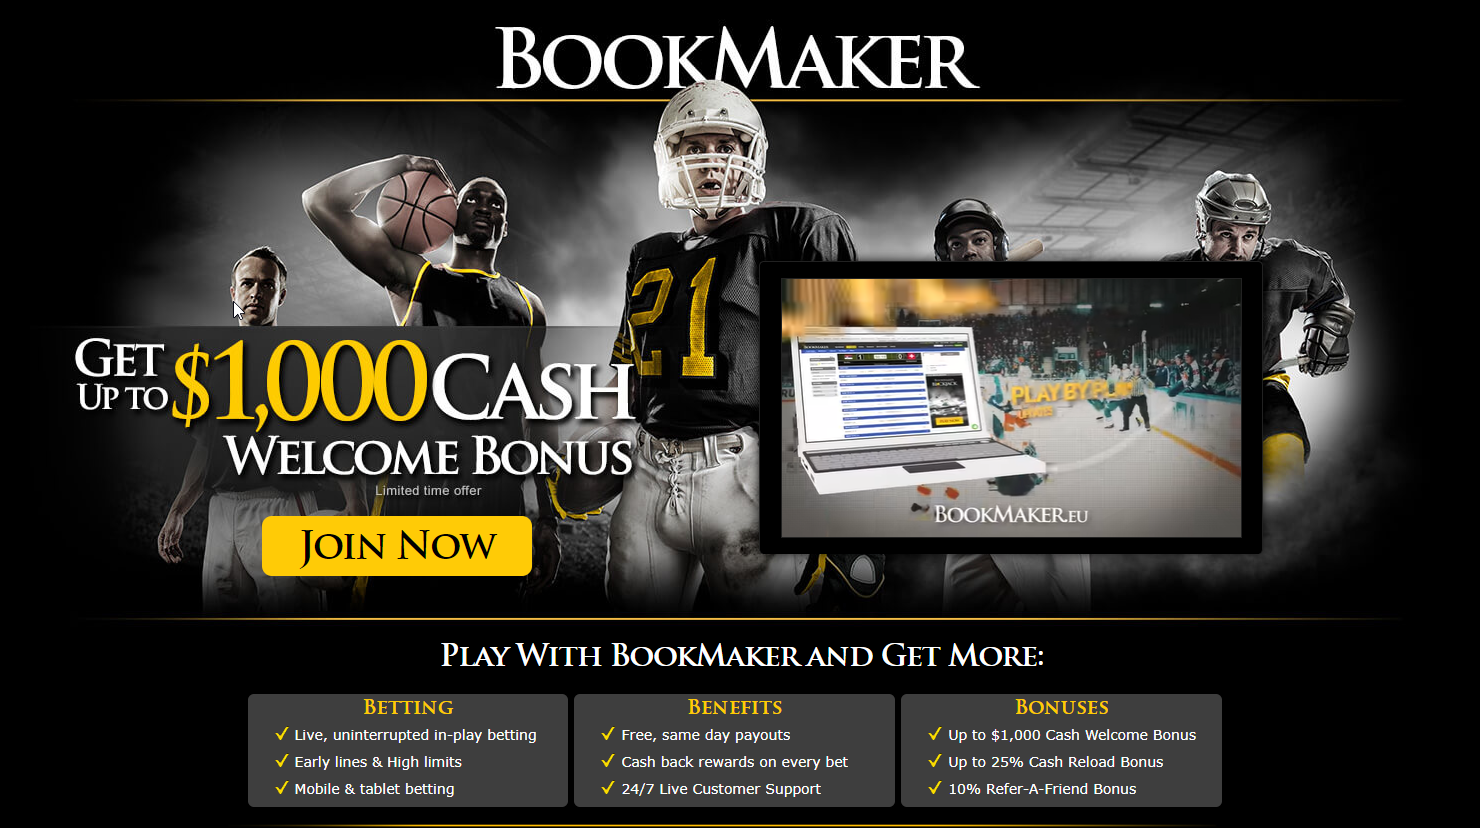 Bookmaker Sportsbook